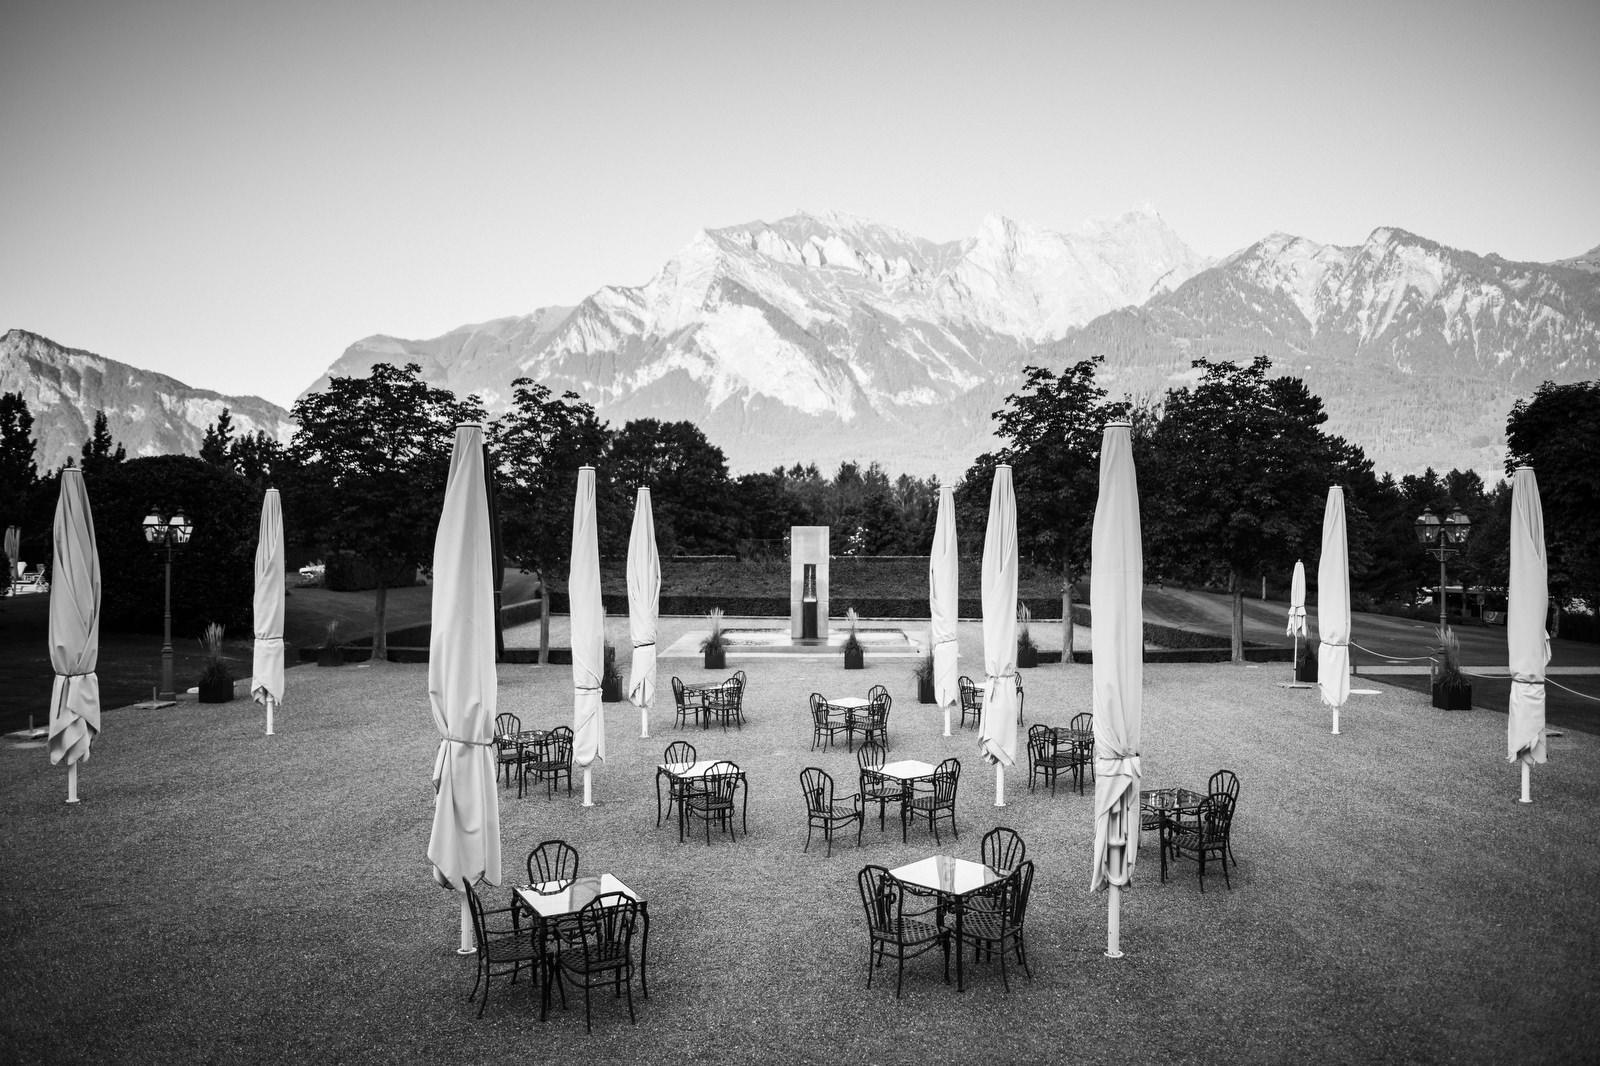 Fotograf Konstanz - Luxus Hochzeit Fotograf Grand Resort Bad Ragaz Schweiz Lichtenstein 140 - Destination wedding at the Grand Resort Bad Ragaz, Swiss  - 189 -